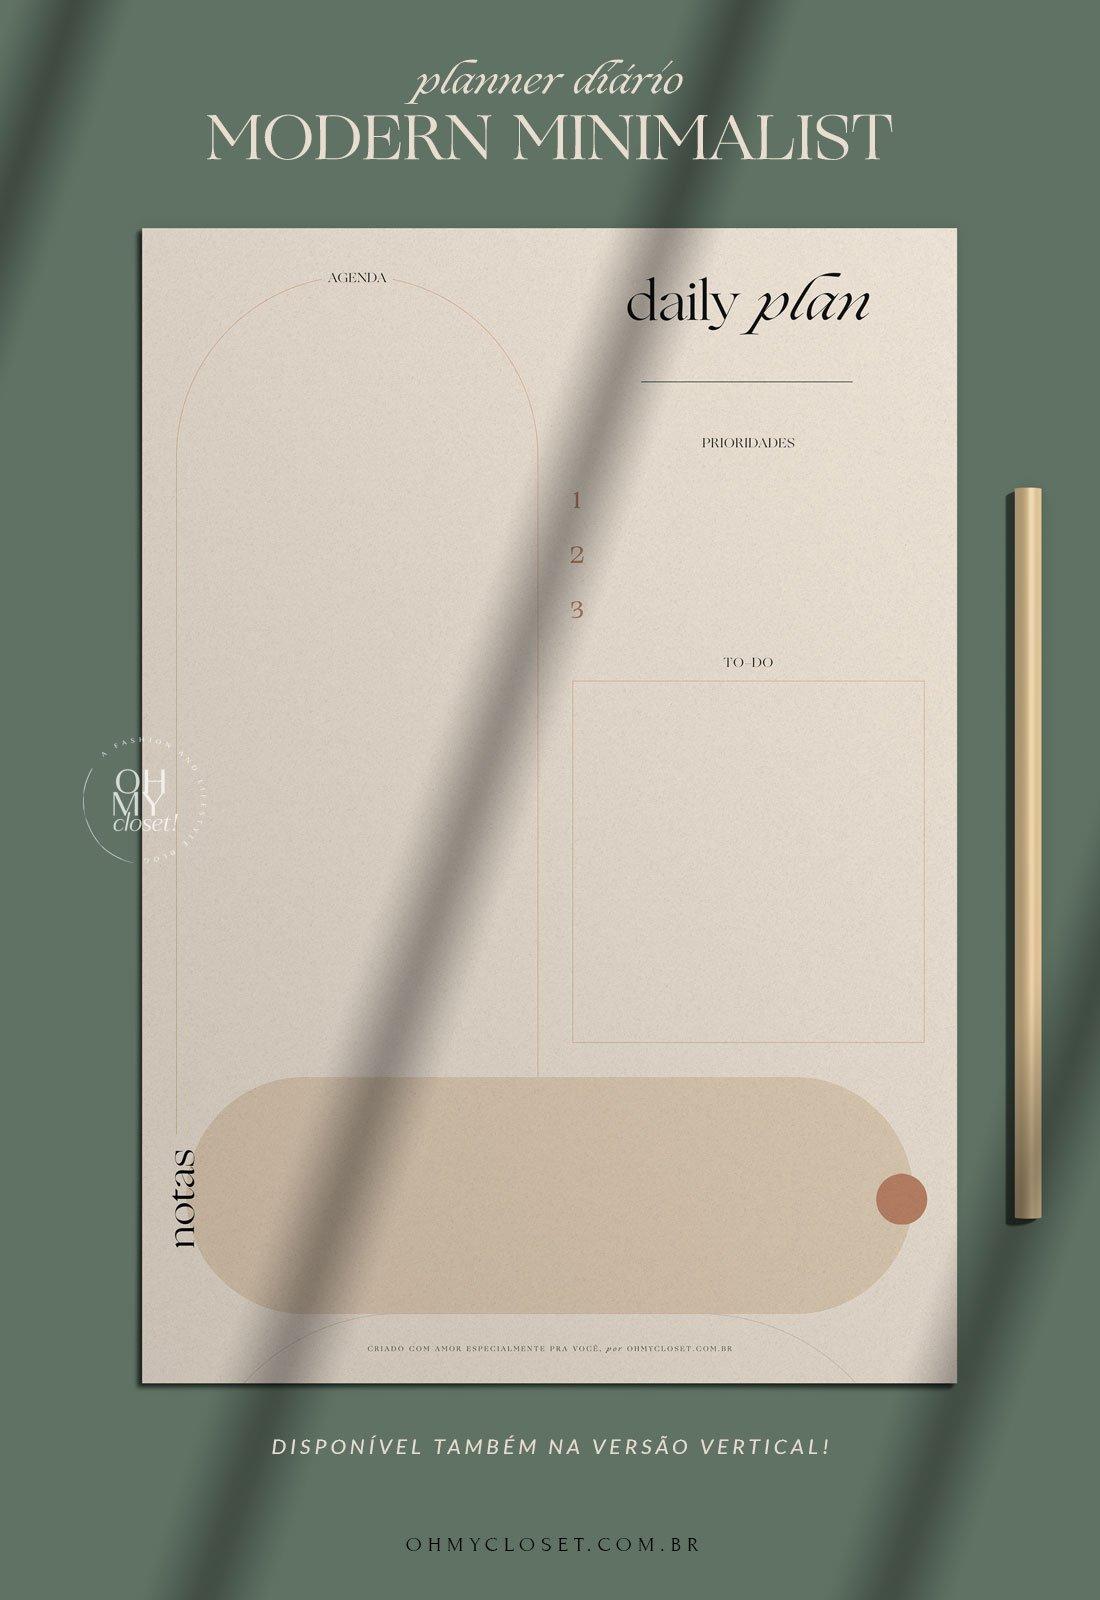 Planner diário em PDF, download grátis para impressão.